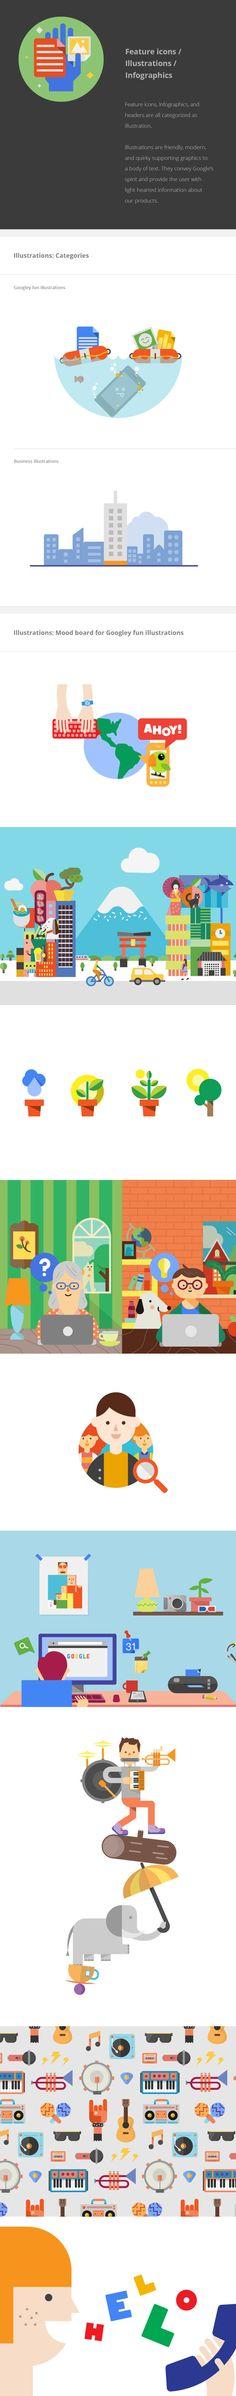 Quá trình 'phẳng hóa' trong các sản phẩm Google